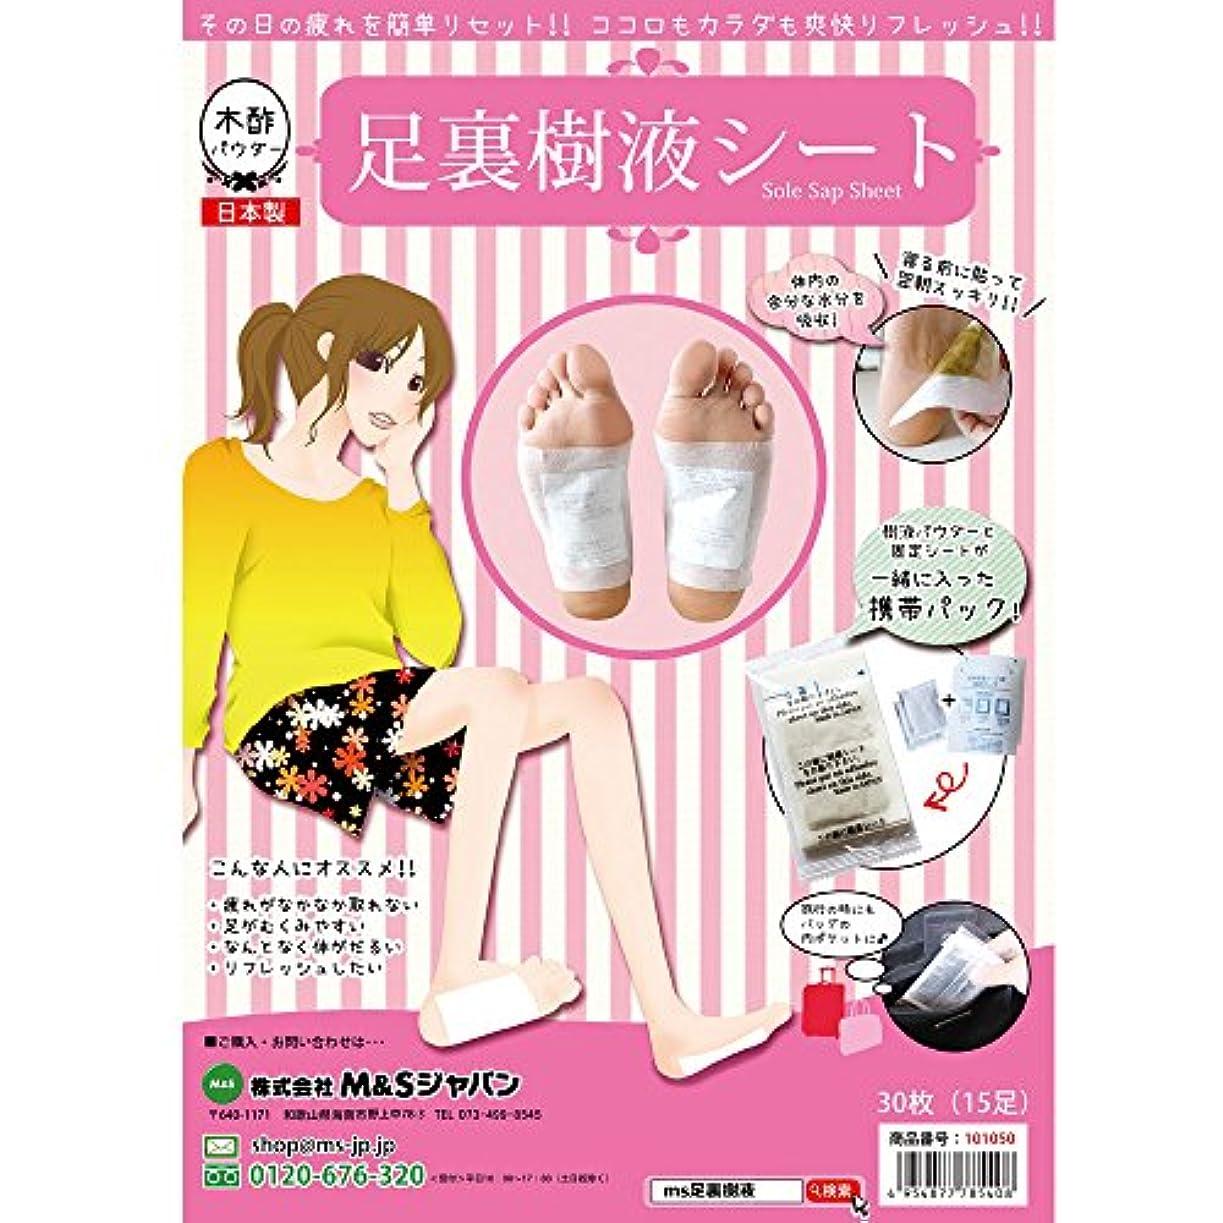 しないでください浴室最後の足裏シート 樹液シート お徳用 日本製 足裏樹液シート 携帯用 m&sジャパン 人気